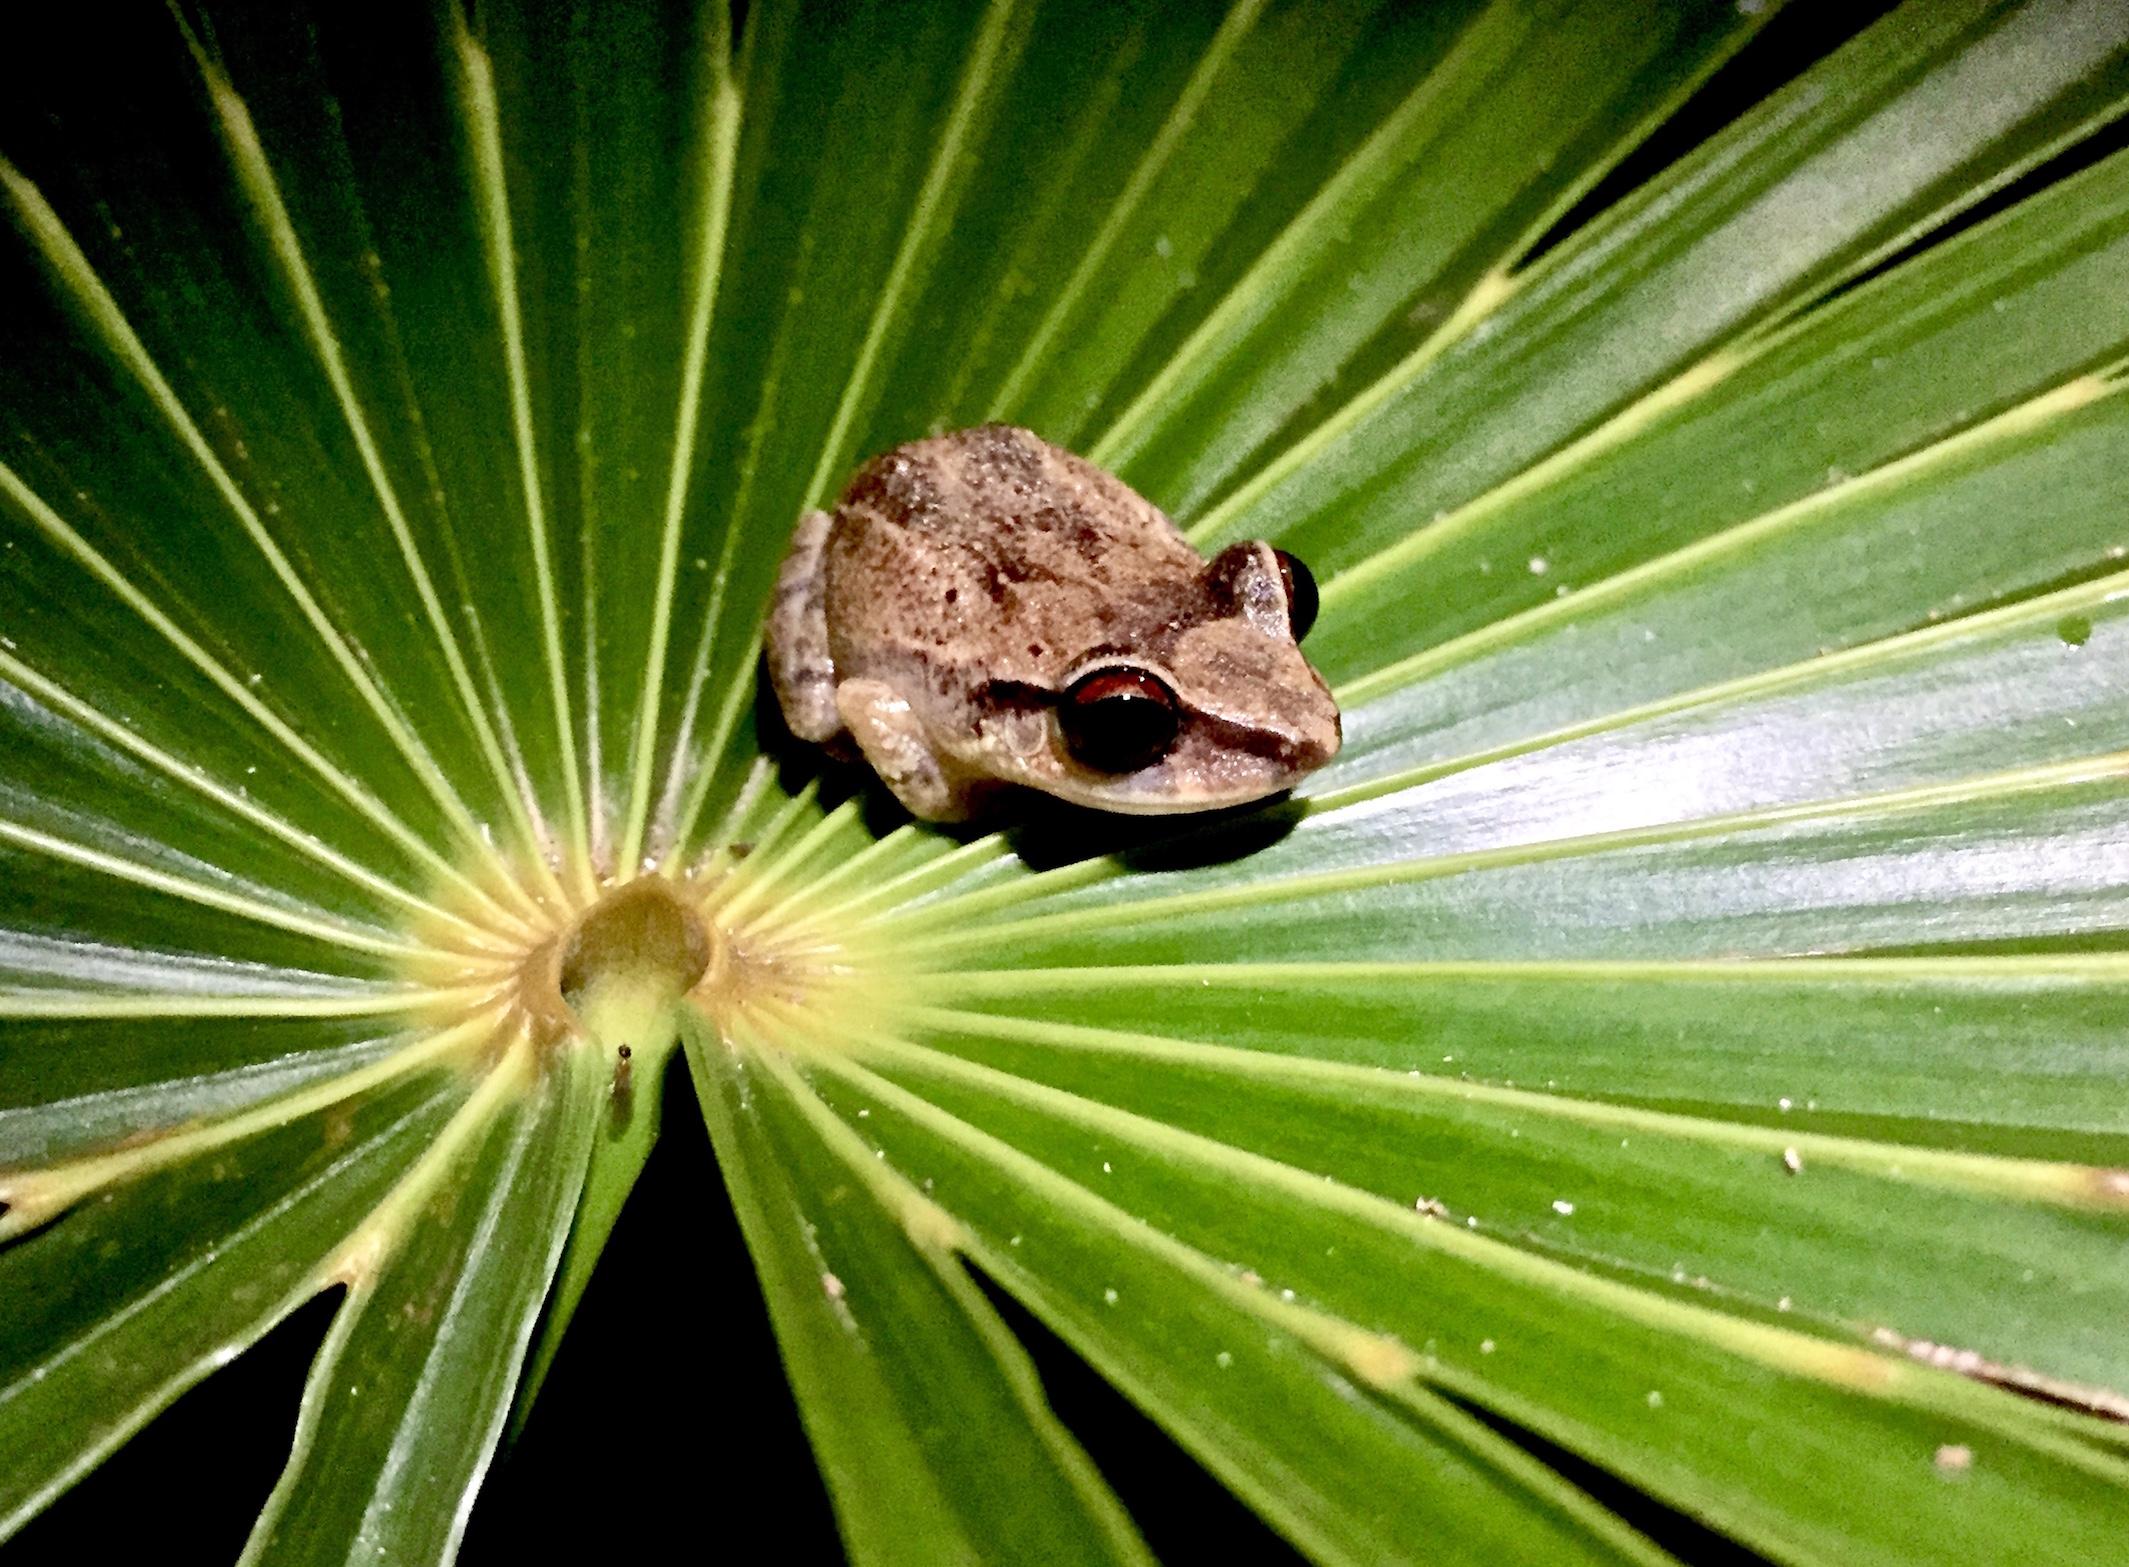 Red-eyed coquí on a leaf